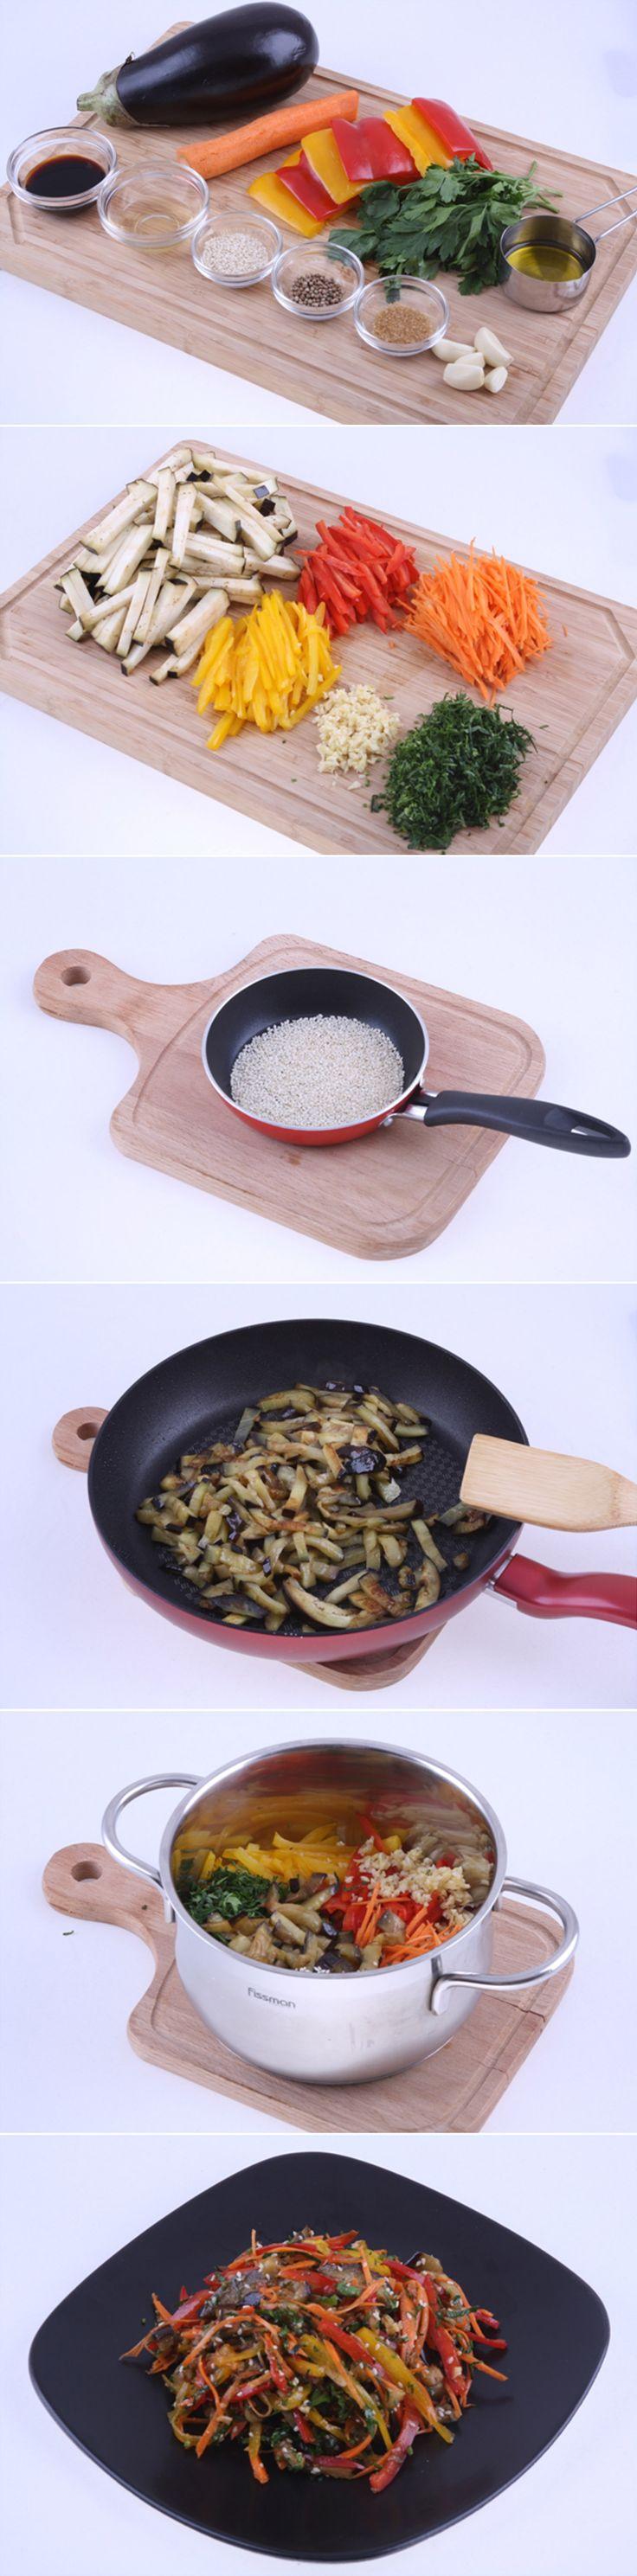 Вегетарианский салат из маринованных овощей. Очень простое в приготовлении вегетарианское блюдо за 30 минут. Красивый и вкусный салат с восточными нотками без лишних калорий. Полный список ингредиентов и способ приготовления блюда вы можете увидеть в...http://vk.com/dinnerday; http://instagram.com/dinnerday #овощи #кулинария #салат #постное #вегетарианское #витамины #еда #рецепт #dinnerday #food #cook #recipe #salad #vitamins #vegetable #cookery #vegetarian